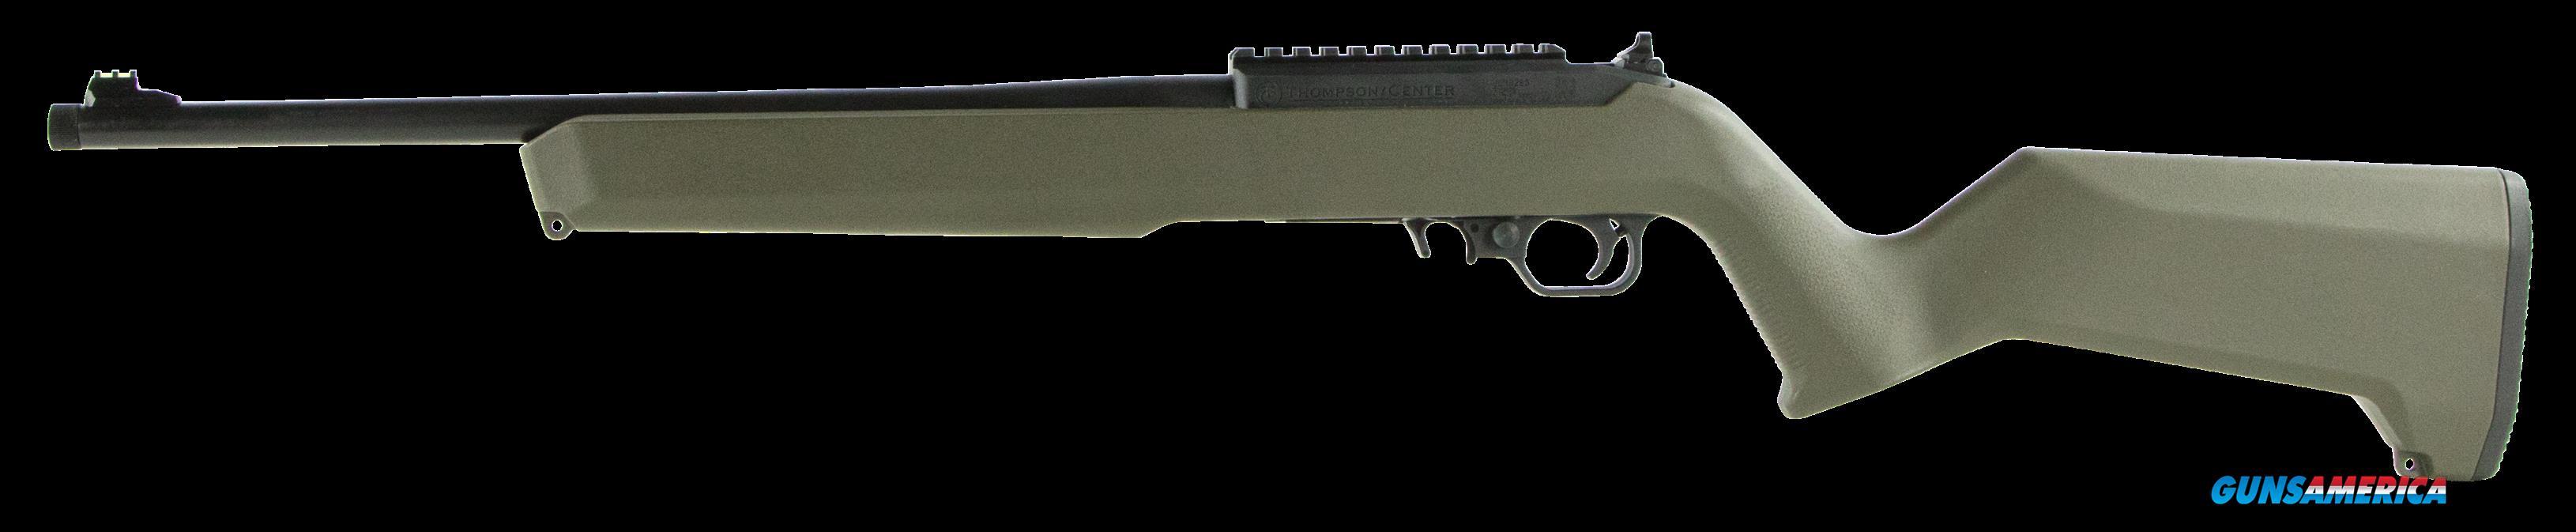 T-c Arms T-cr22, Tca*12299 T-cr22 22lr Blue-odgreen 10rd  Guns > Pistols > 1911 Pistol Copies (non-Colt)